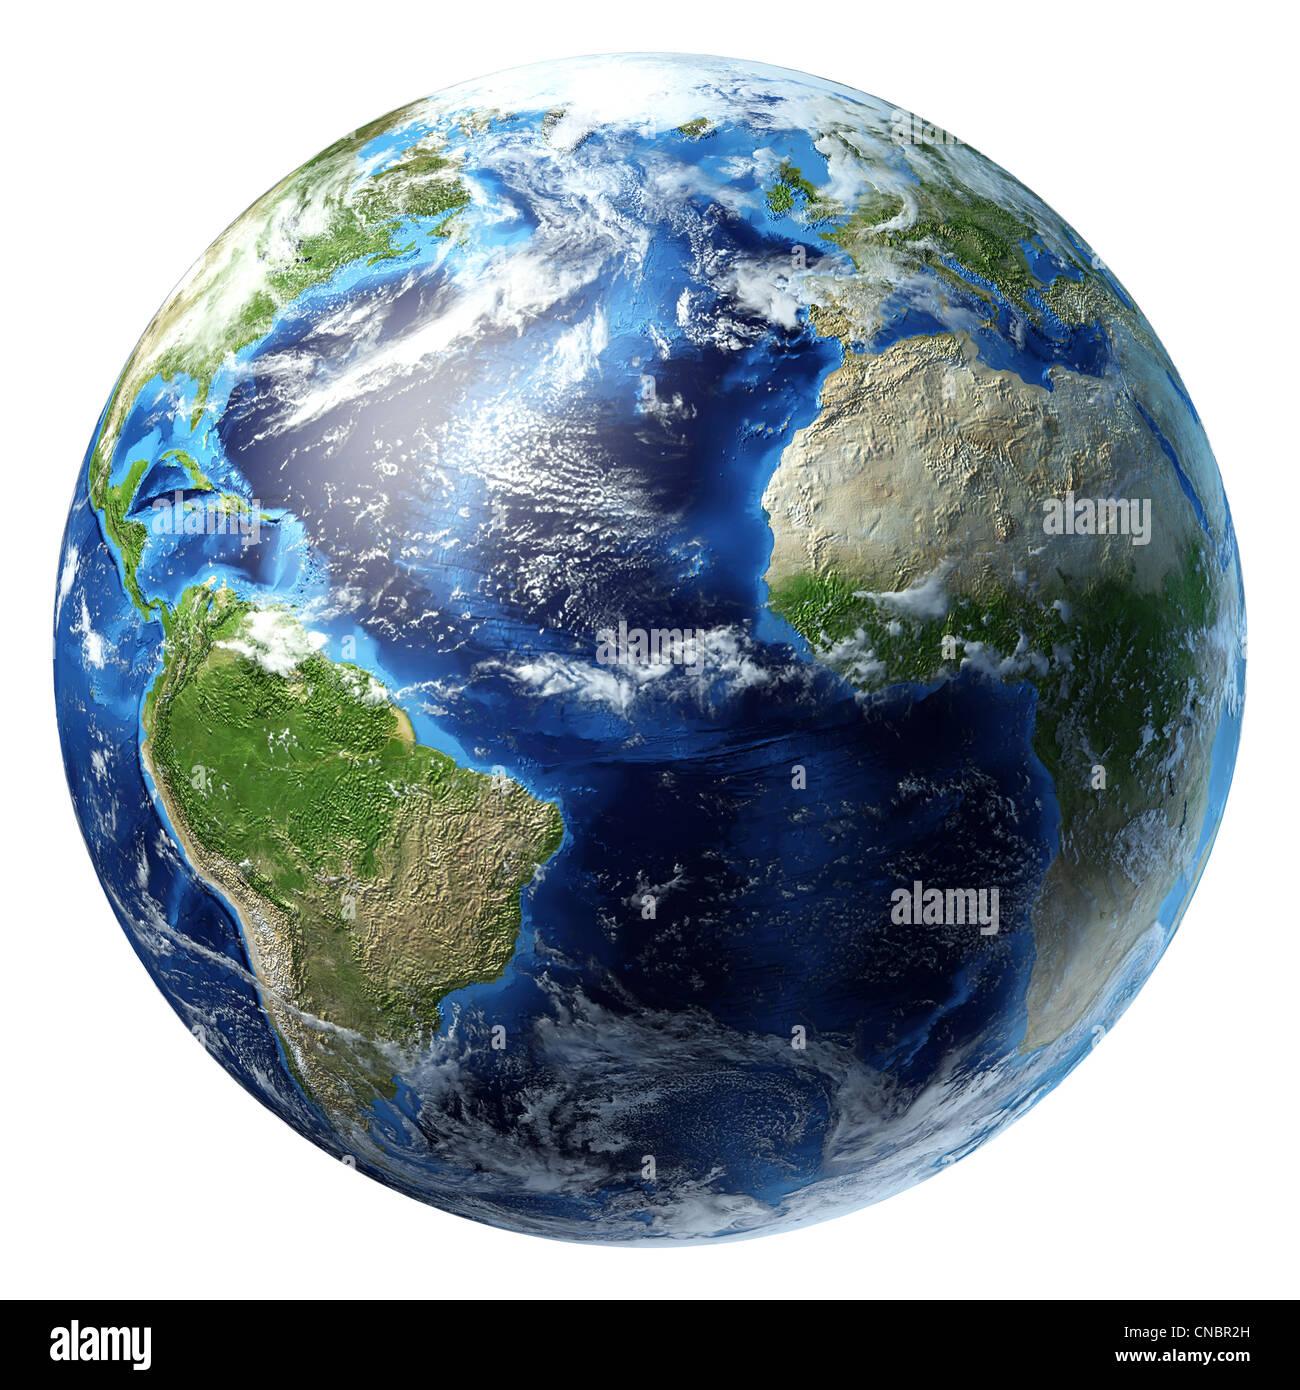 La planète terre avec quelques nuages. Vue sur l'océan Atlantique. Photo Stock